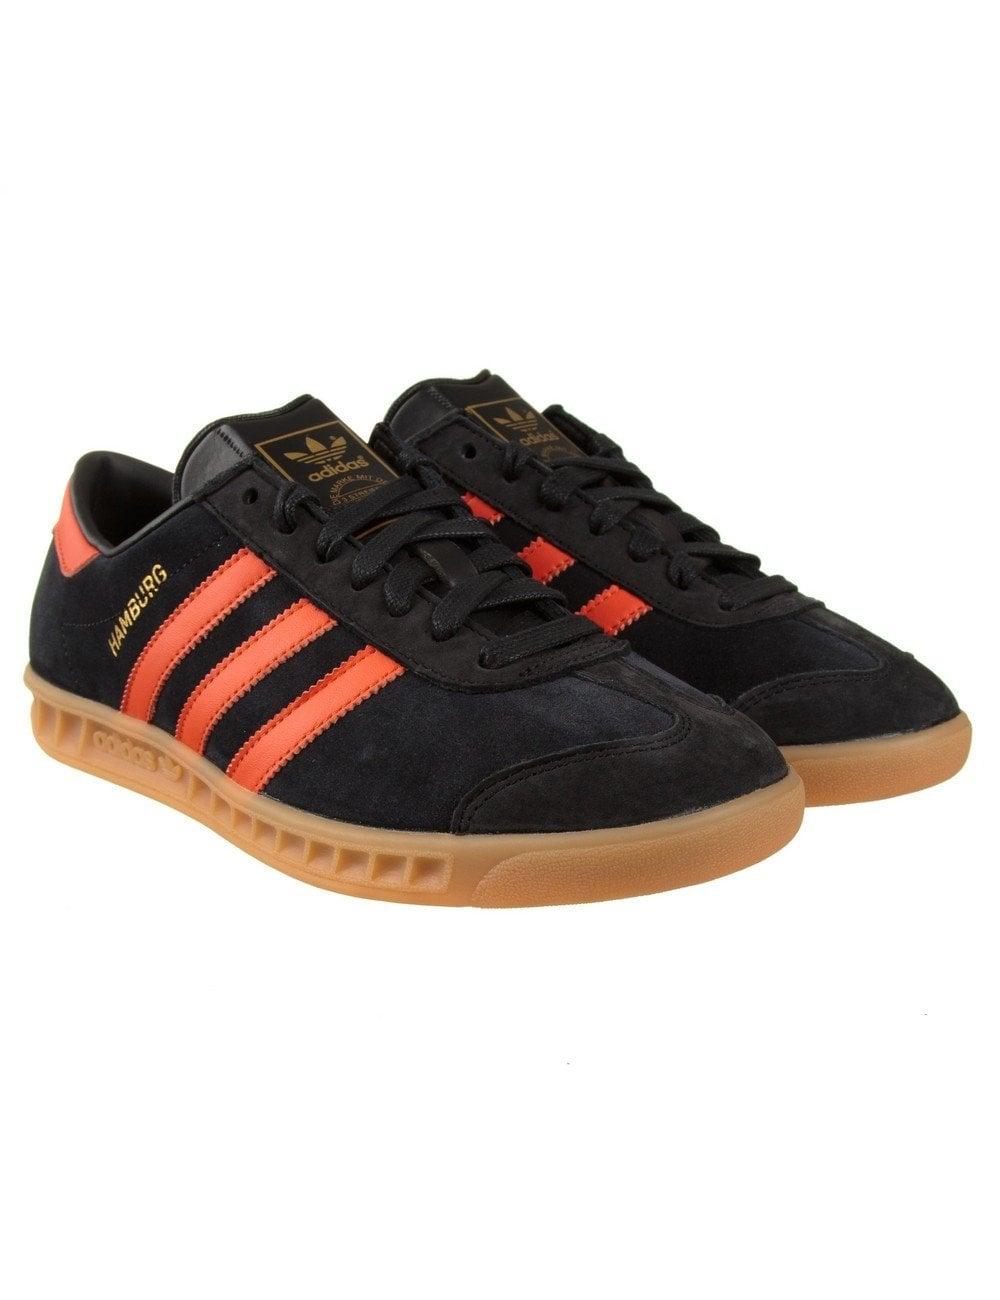 adidas black and orange shoes